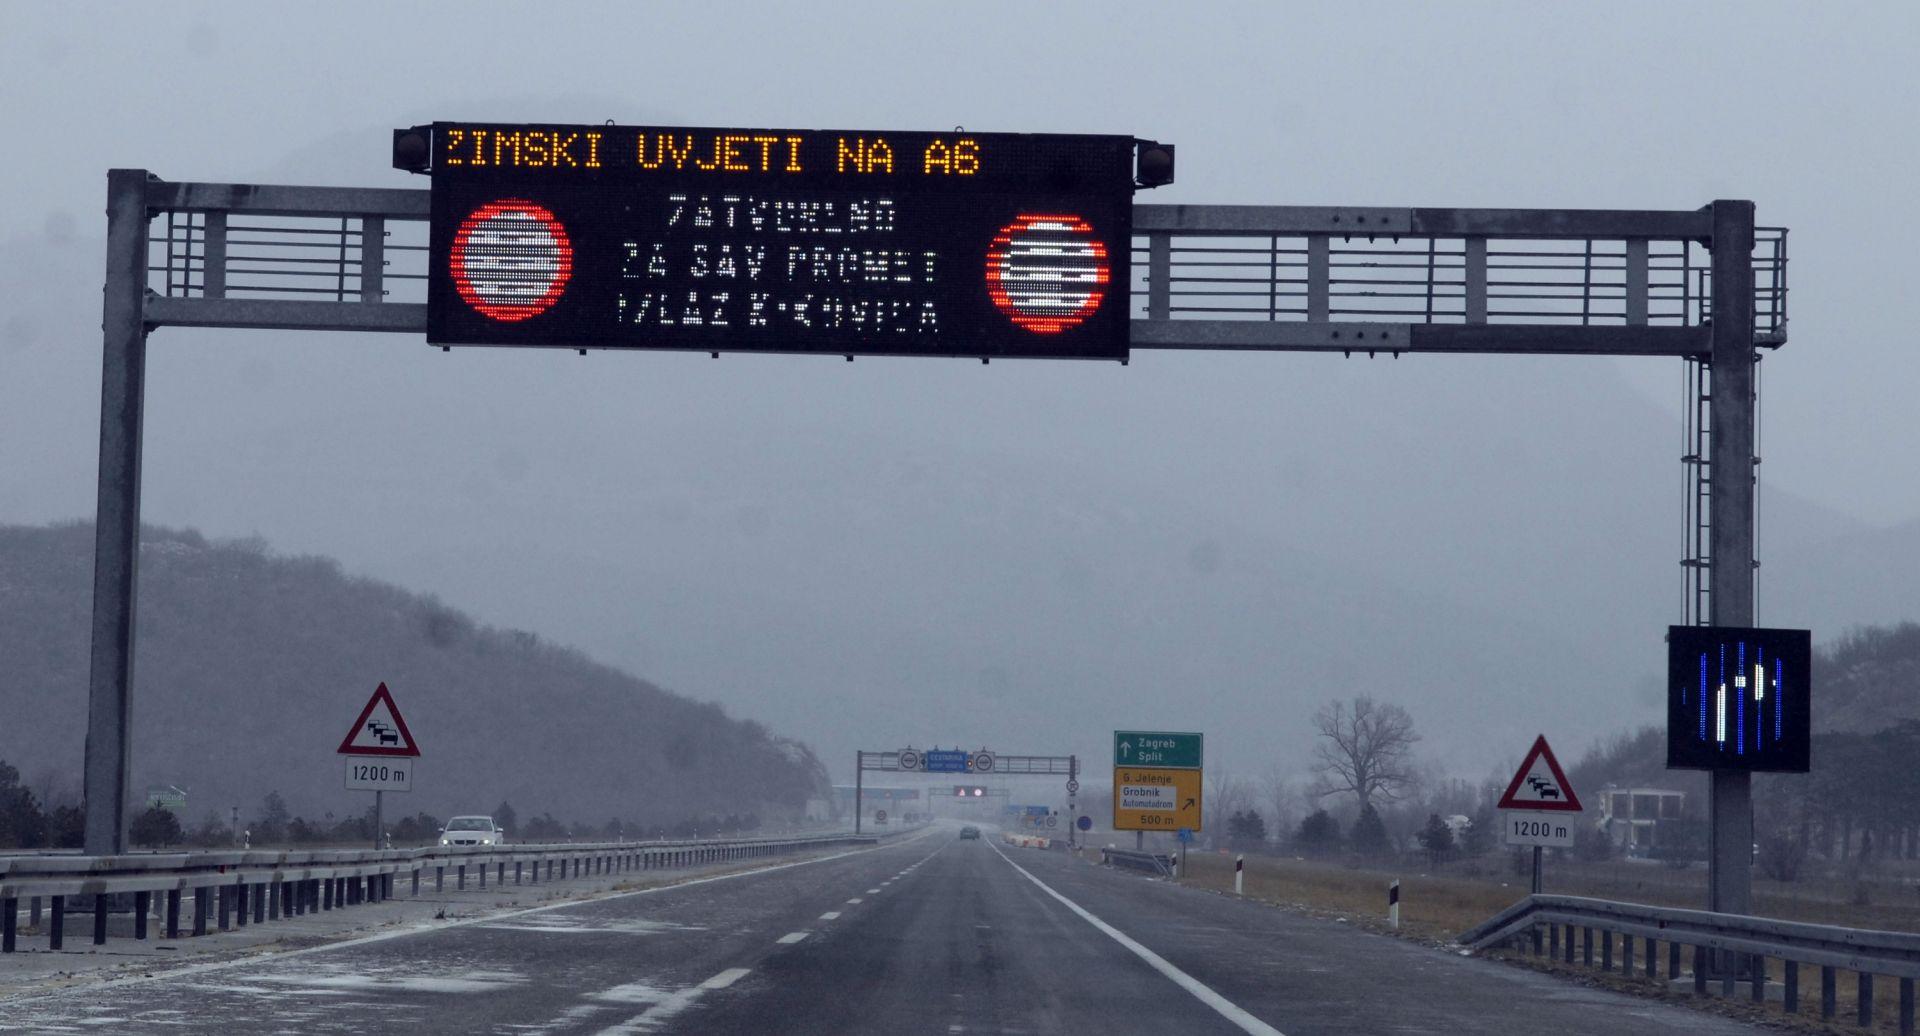 HAK Jak vjetar na autocesti A1, ograničenje brzine